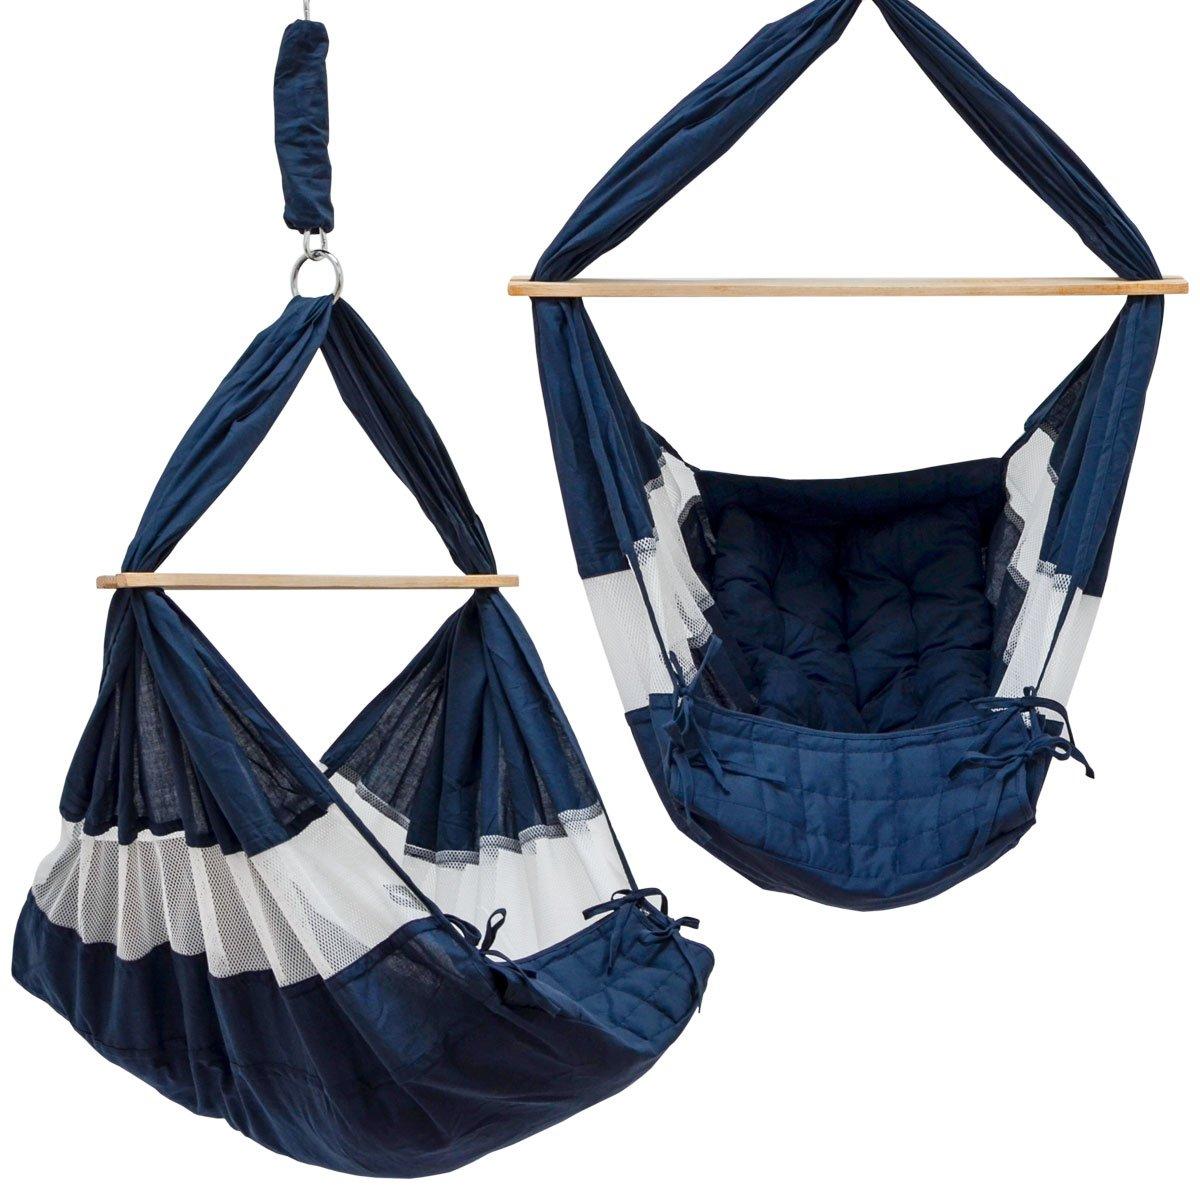 DuneDesign Hamac pour Bébé 70x36x94cm berceau siège suspendu pour babies Bleu OmniDeal 12773